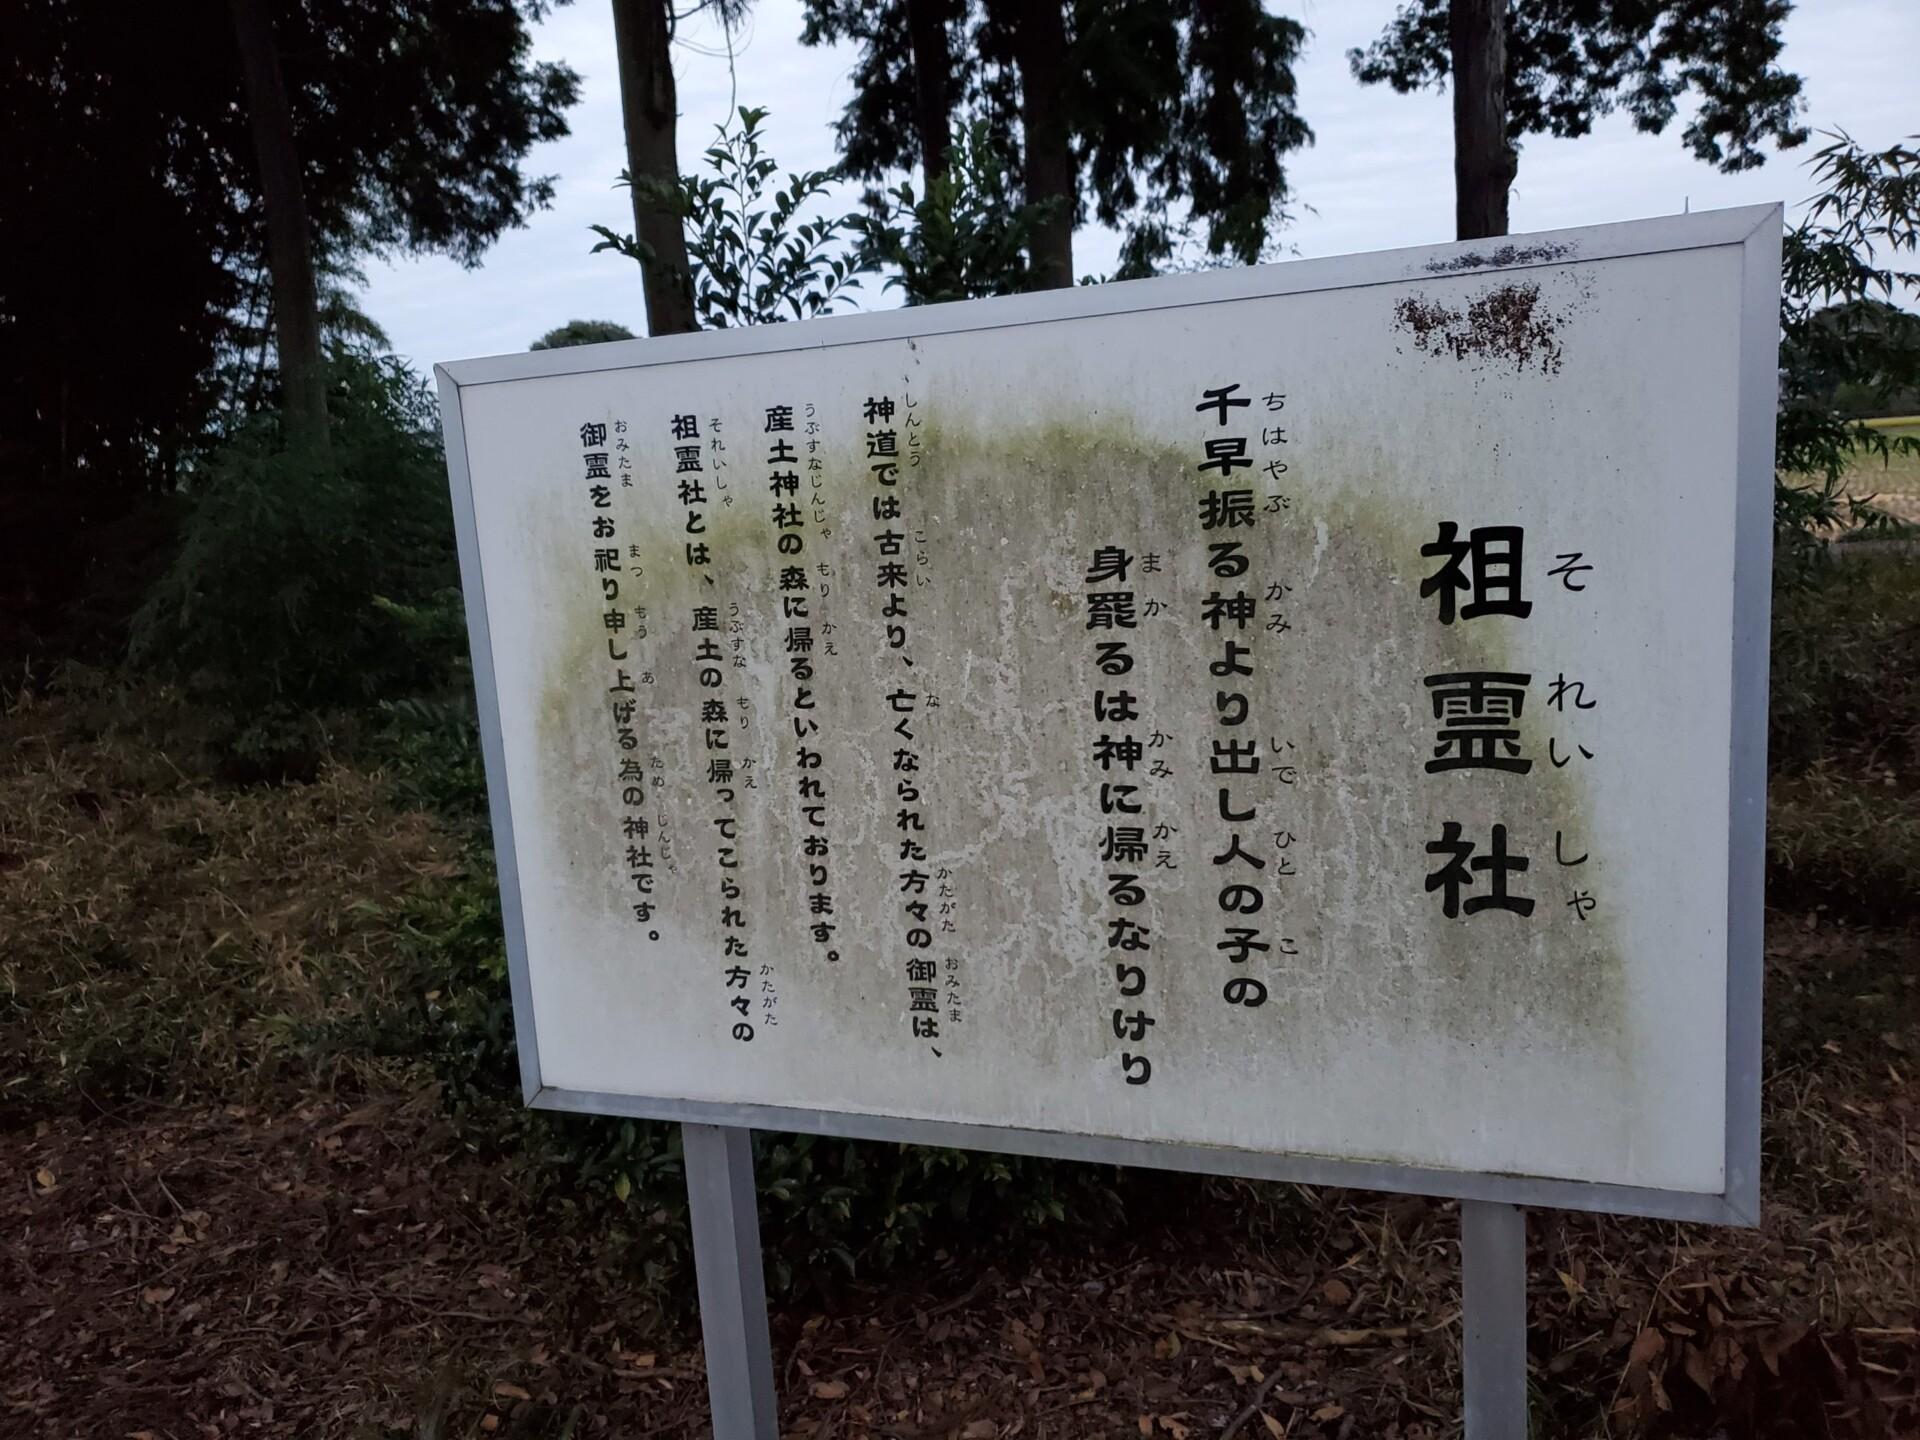 鷲宮神社 末社 祖霊社